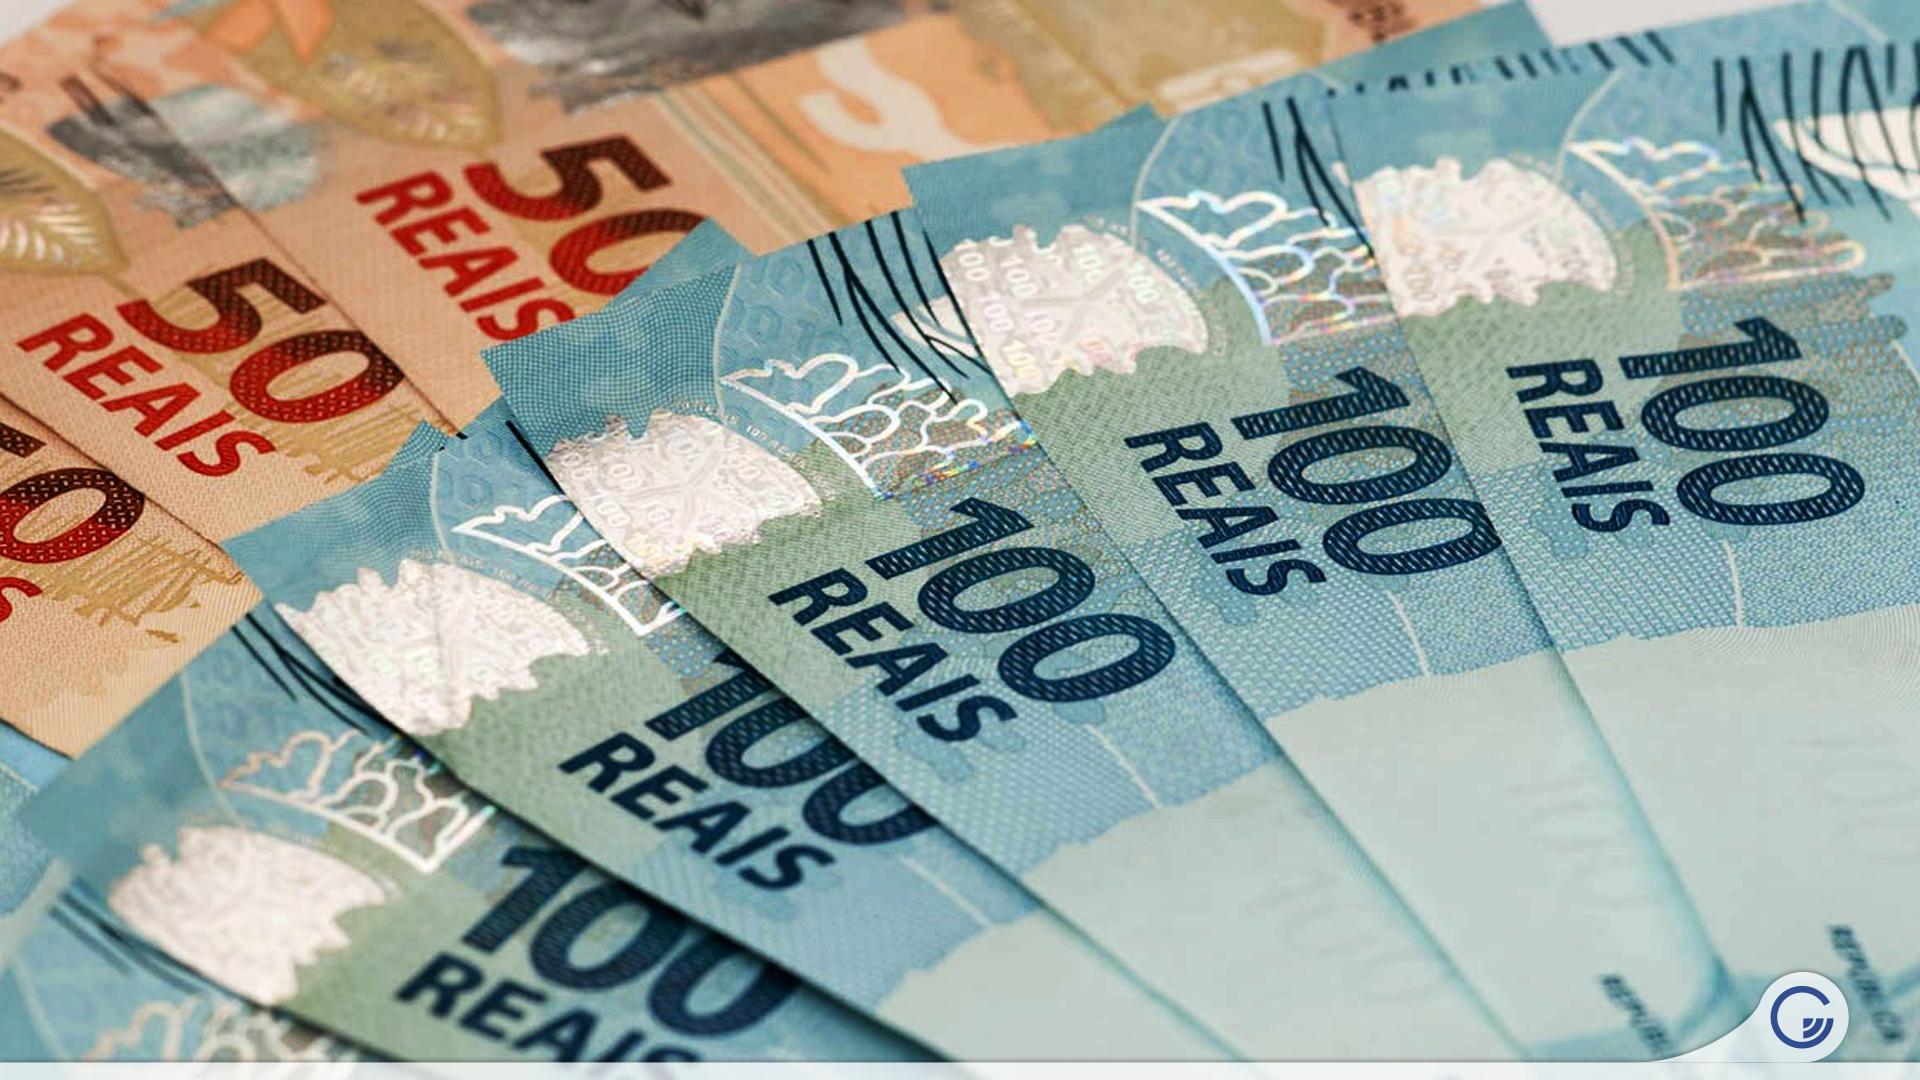 Fim do dinheiro: ilusão ou realidade?